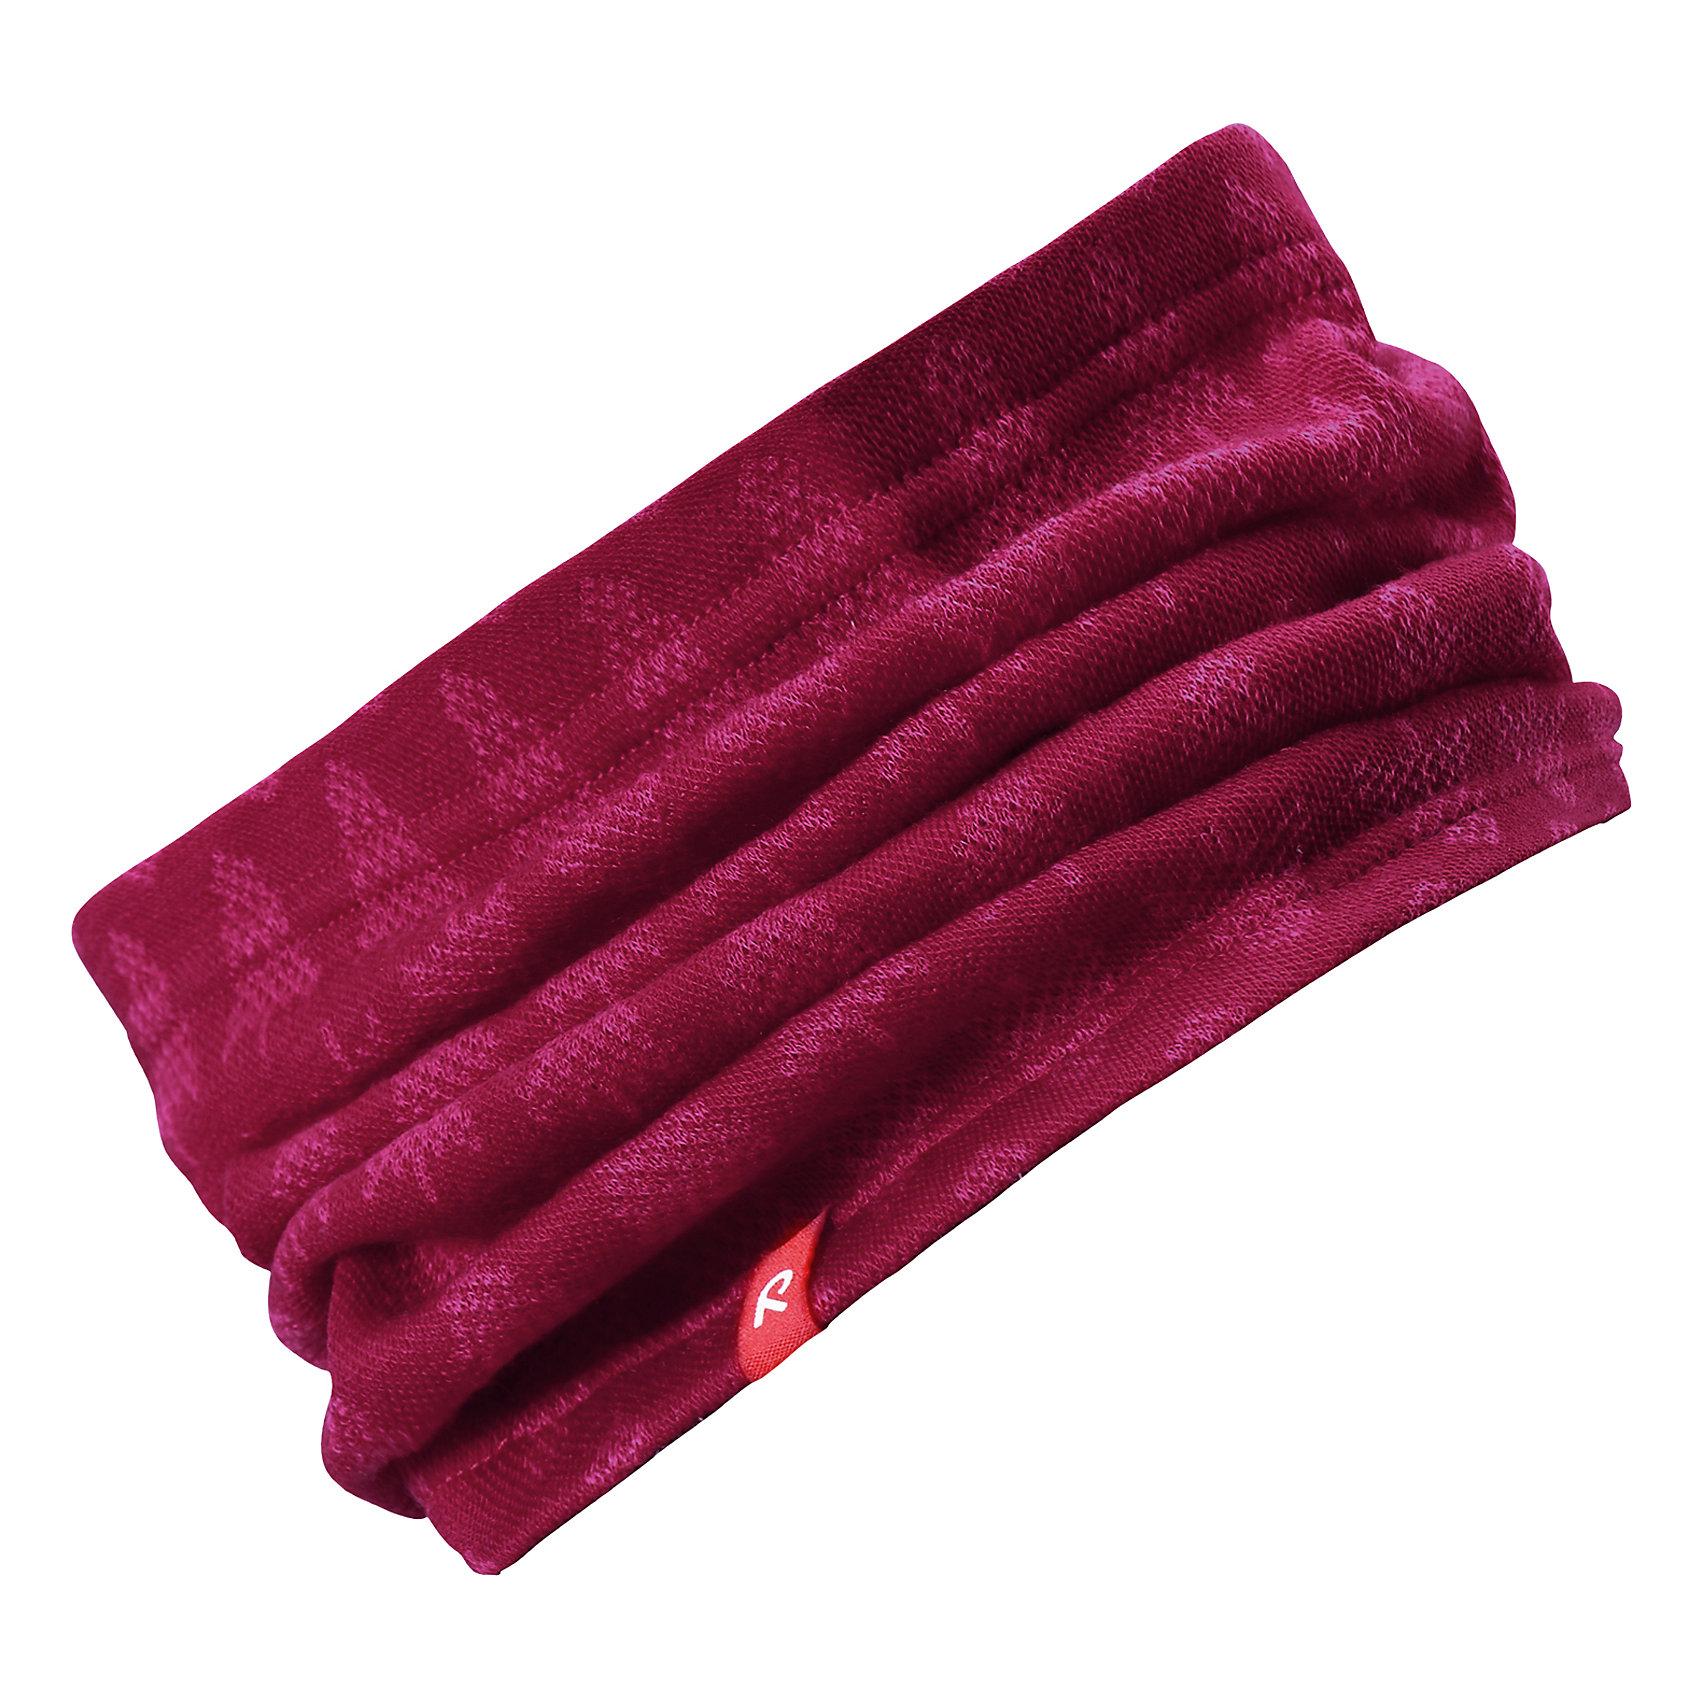 Шарф-хомут Reima EllivaaraВерхняя одежда<br>Характеристики товара:<br><br>• цвет: розовый;<br>• состав: 80% шерсть, 20% полиакрил;<br>• без дополнительного утепления;<br>• сезон: зима;<br>• температурный режим: от 0 до -20С;<br>• шерсть идеально поддерживает температуру;<br>• мягкий, теплый и приятный на ощупь трикотаж;<br>• легкий стиль, без подкладки;<br>• логотип Reima® сбоку;<br>• страна бренда: Финляндия;<br>• страна изготовитель: Китай.<br><br>Детская горловина, или шарф-хомут, очень удобна – просто наденьте ее на шею, и прогулка будет теплой и приятной. Шерсть – превосходный терморегулятор. Этот шарф-хомут связан из мягкой, теплой и приятной на ощупь пряжи. Универсальный шарф можно надевать на голову как повязку для защиты волос и ушей или даже носить как шапку.<br><br>Шарф Ellivaara Reima от финского бренда Reima (Рейма) можно купить в нашем интернет-магазине.<br><br>Ширина мм: 88<br>Глубина мм: 155<br>Высота мм: 26<br>Вес г: 106<br>Цвет: розовый<br>Возраст от месяцев: 72<br>Возраст до месяцев: 84<br>Пол: Унисекс<br>Возраст: Детский<br>Размер: 54/56,46/48,50/52<br>SKU: 6902858